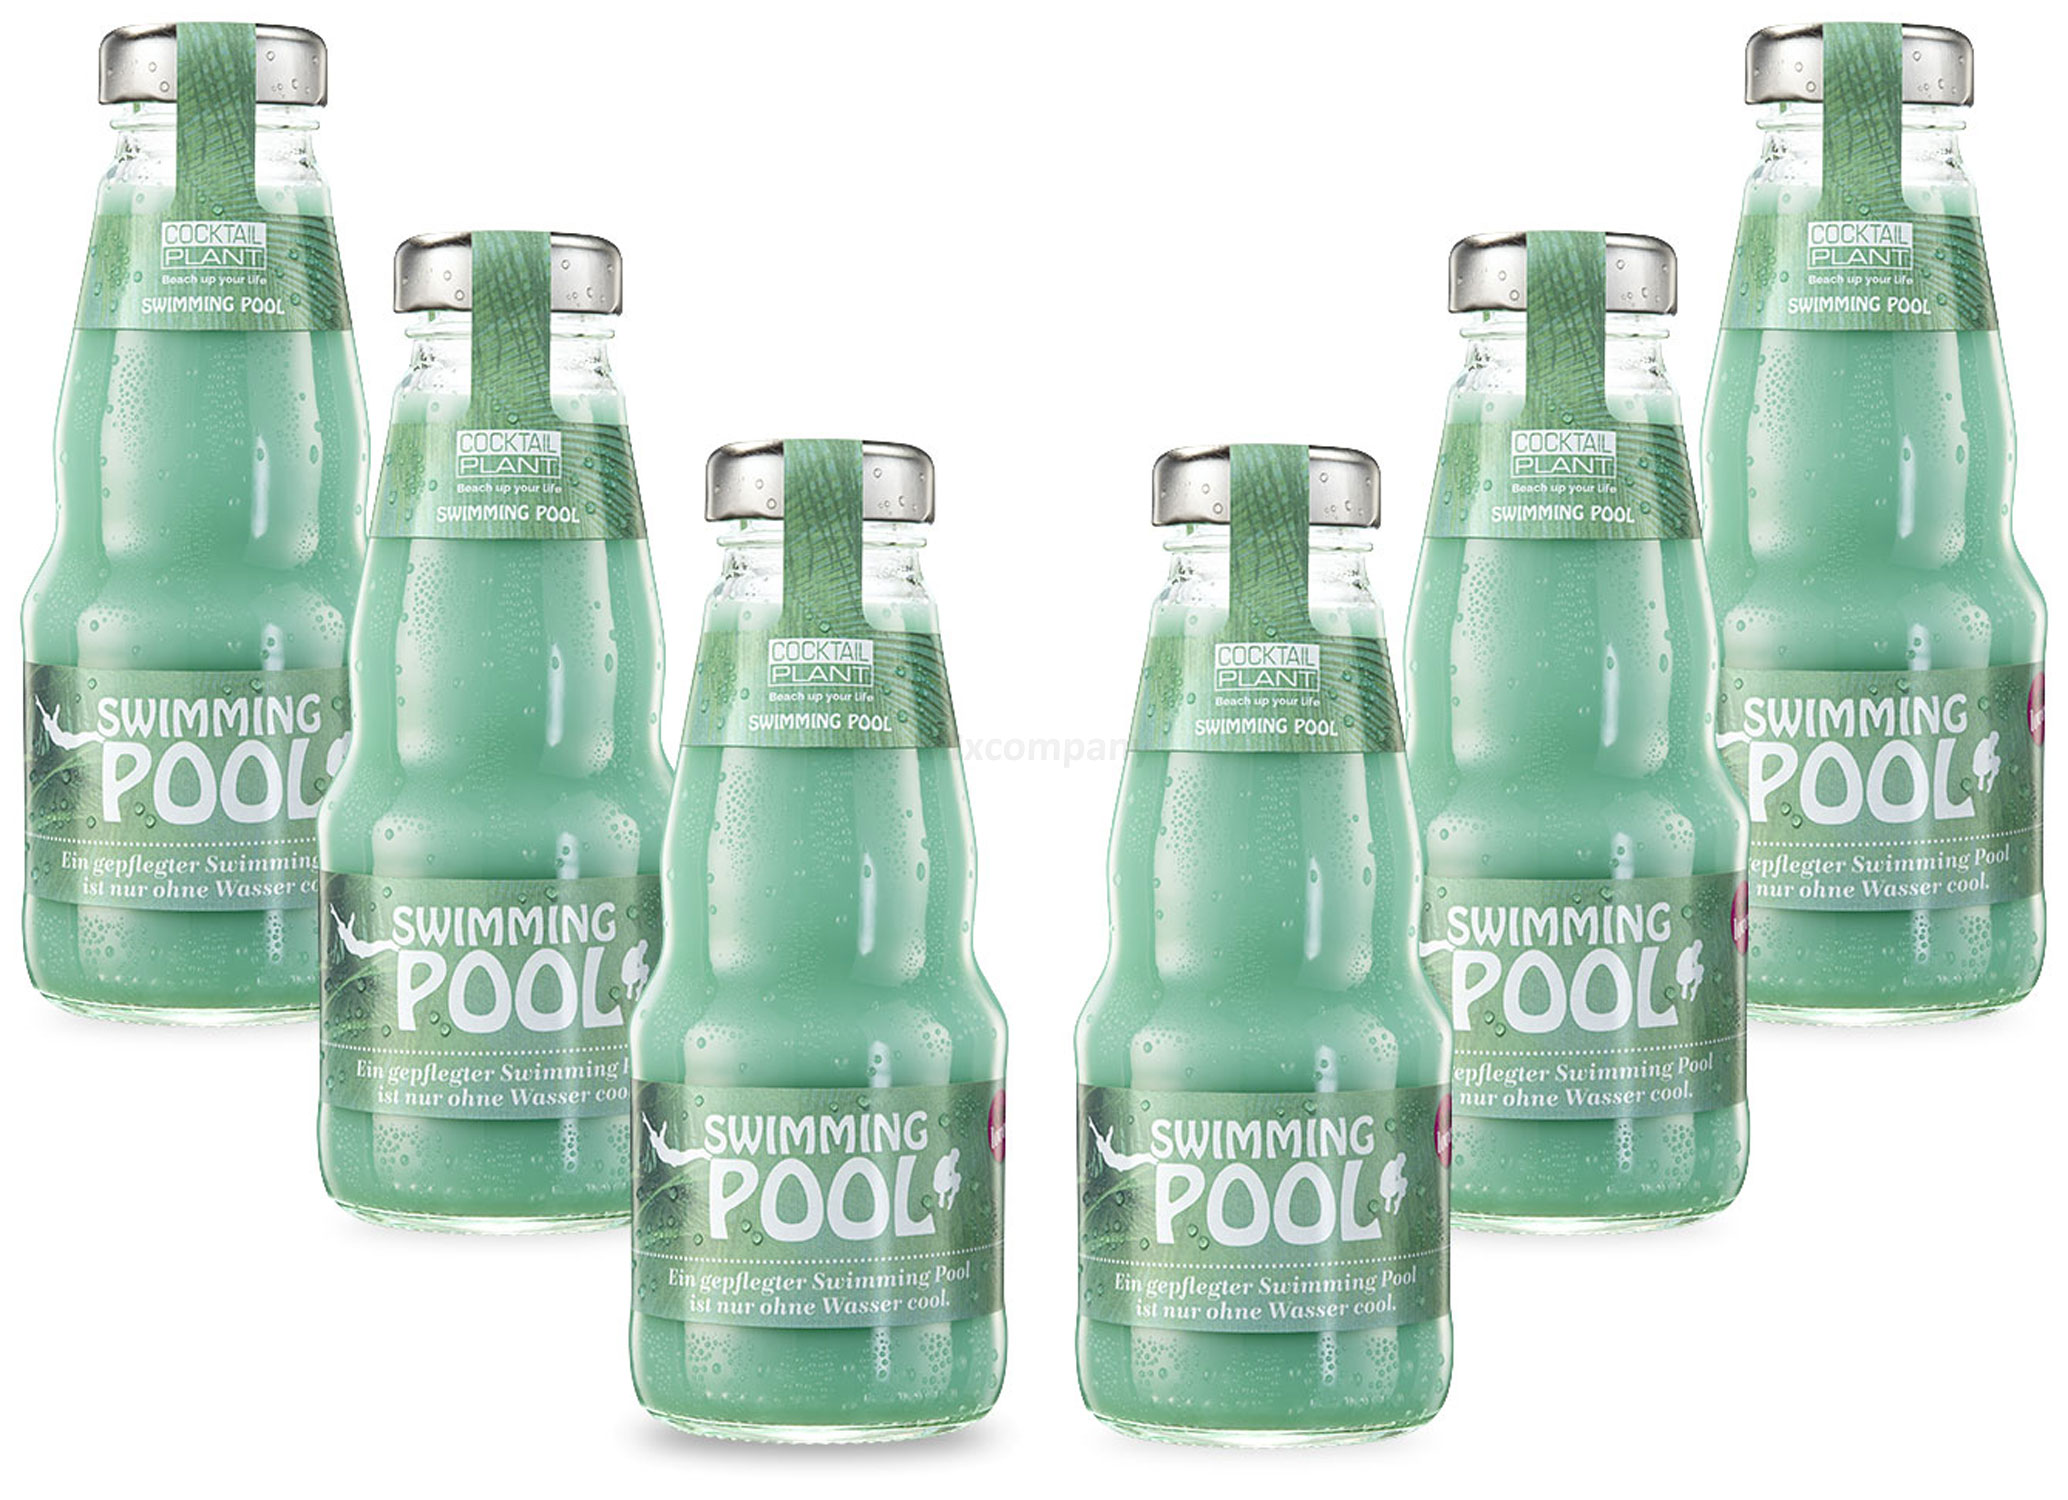 Cocktail Plant Swimming Pool (10,1% Vol) 6x 0,2l = 1,2l - inkl. Pfand MEHRWEG - [Enthält Sulfite]